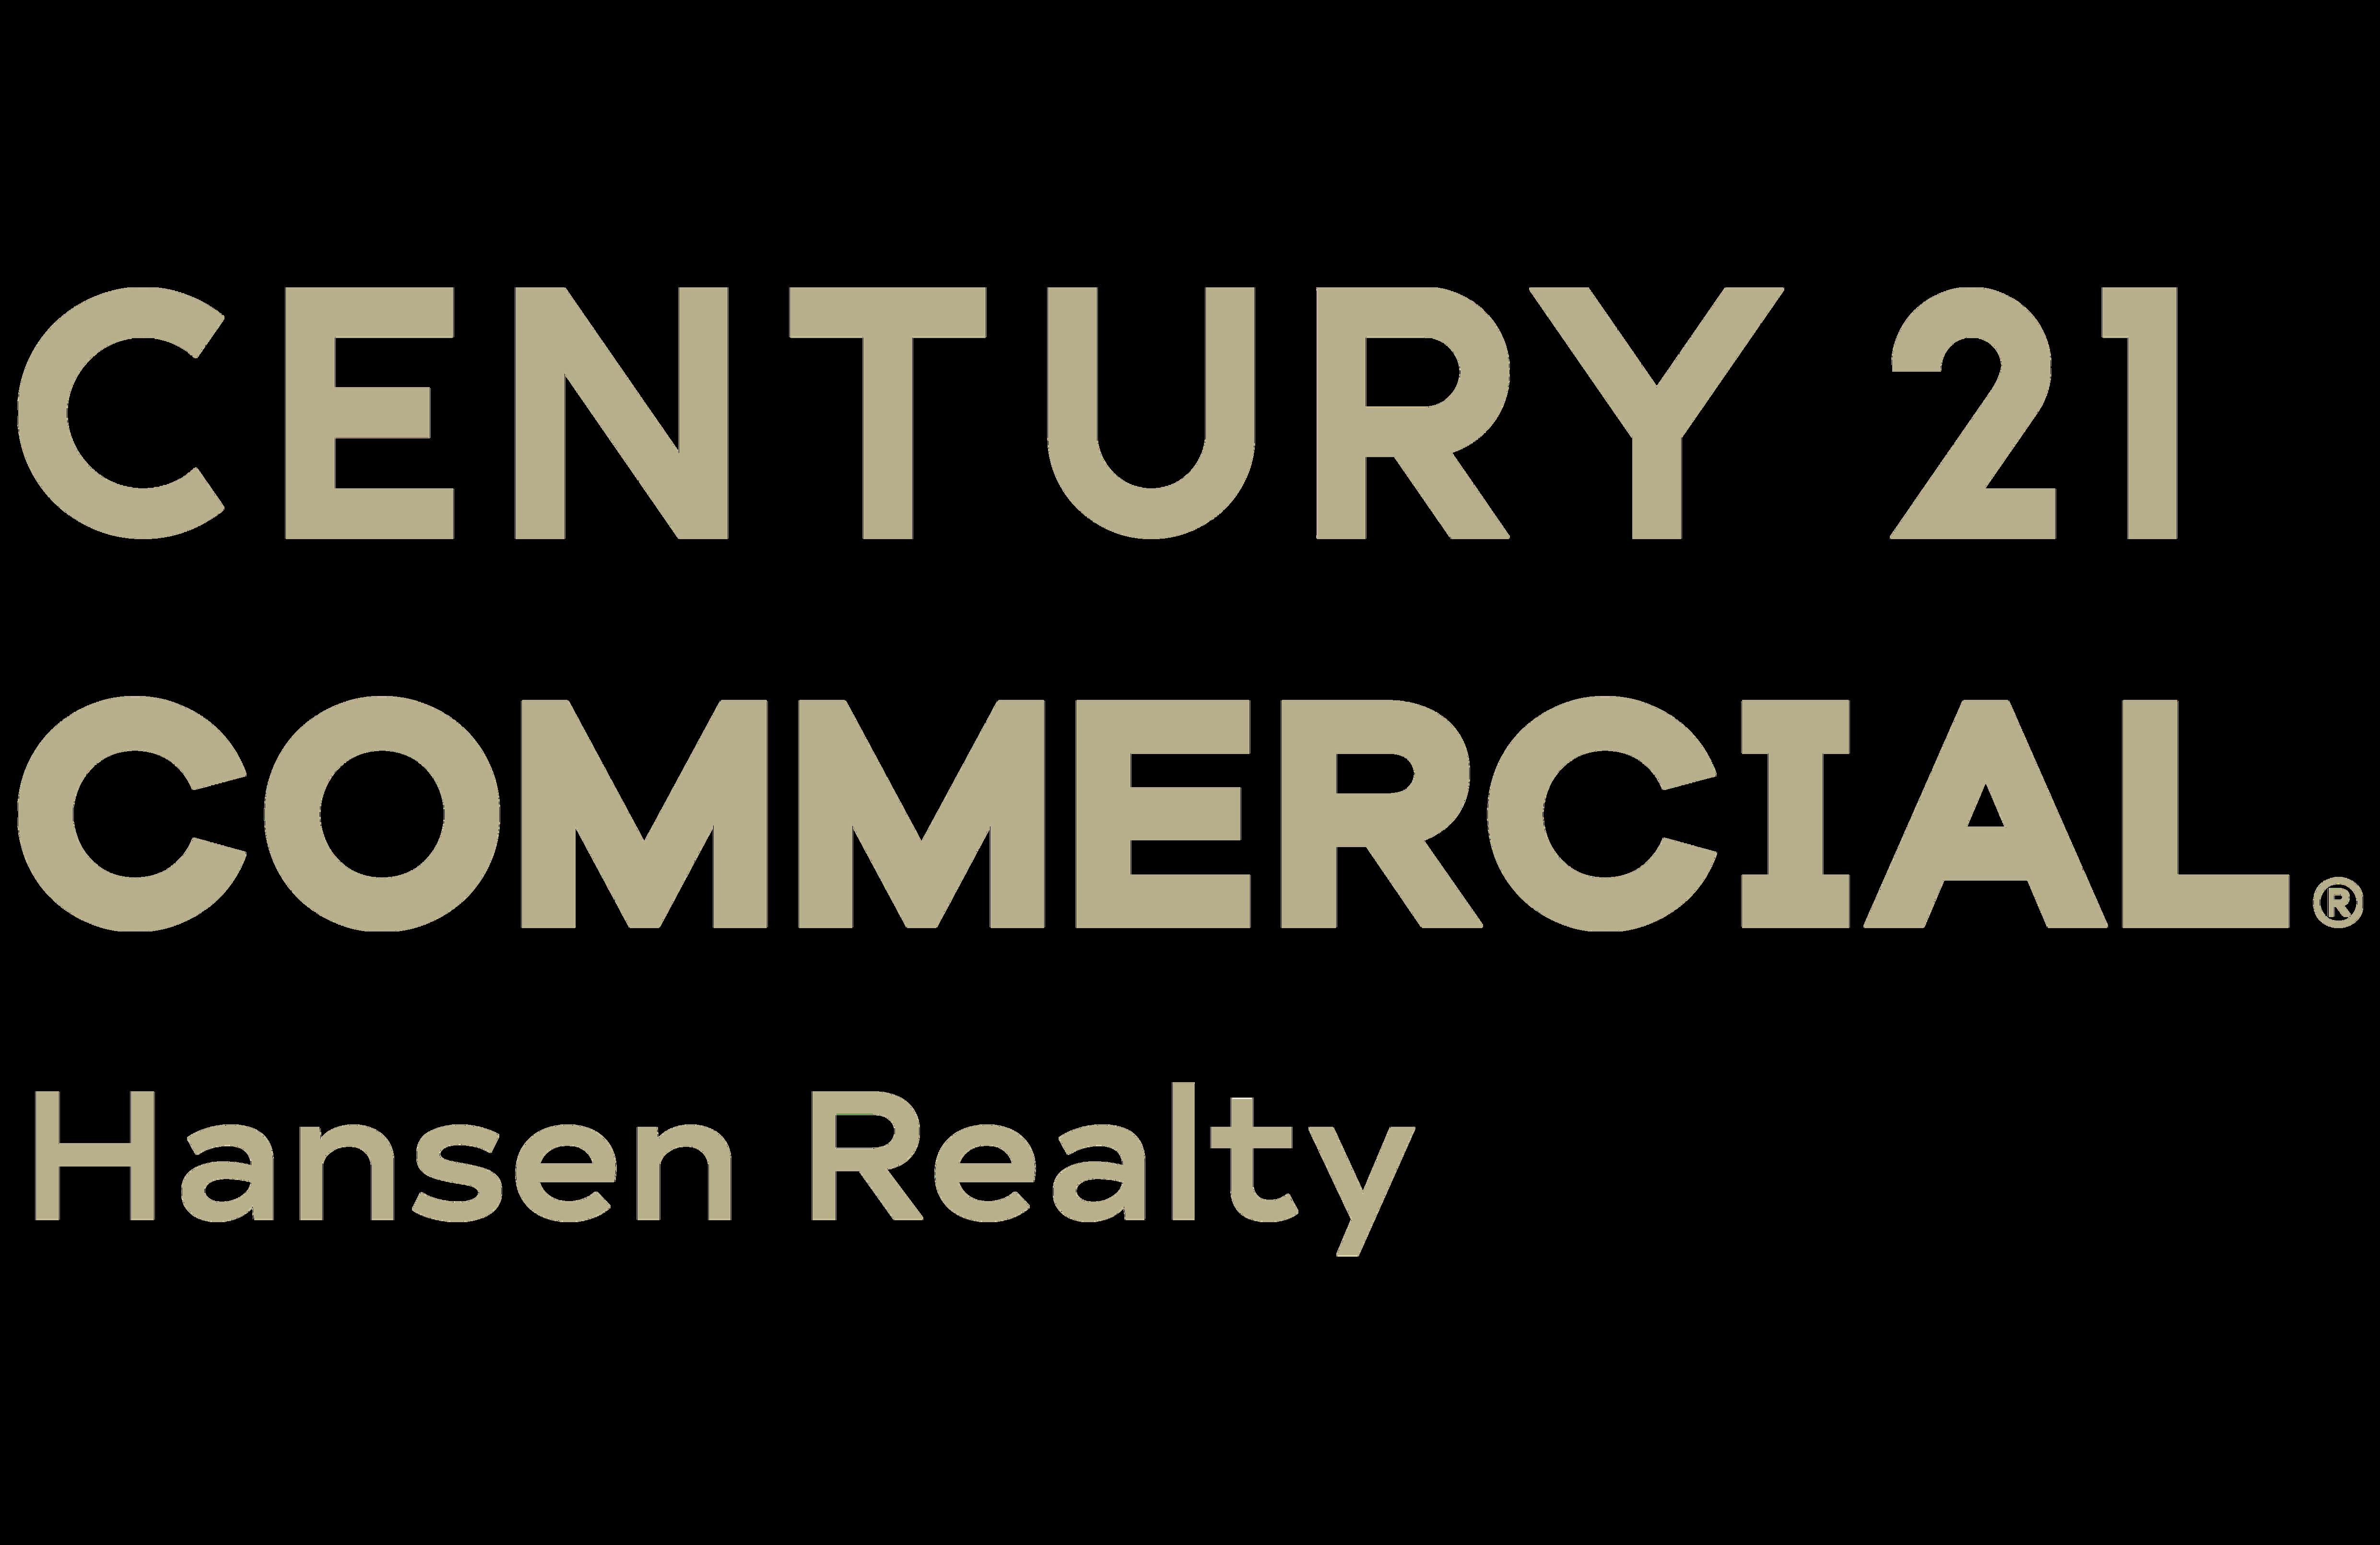 CENTURY 21 Hansen Realty